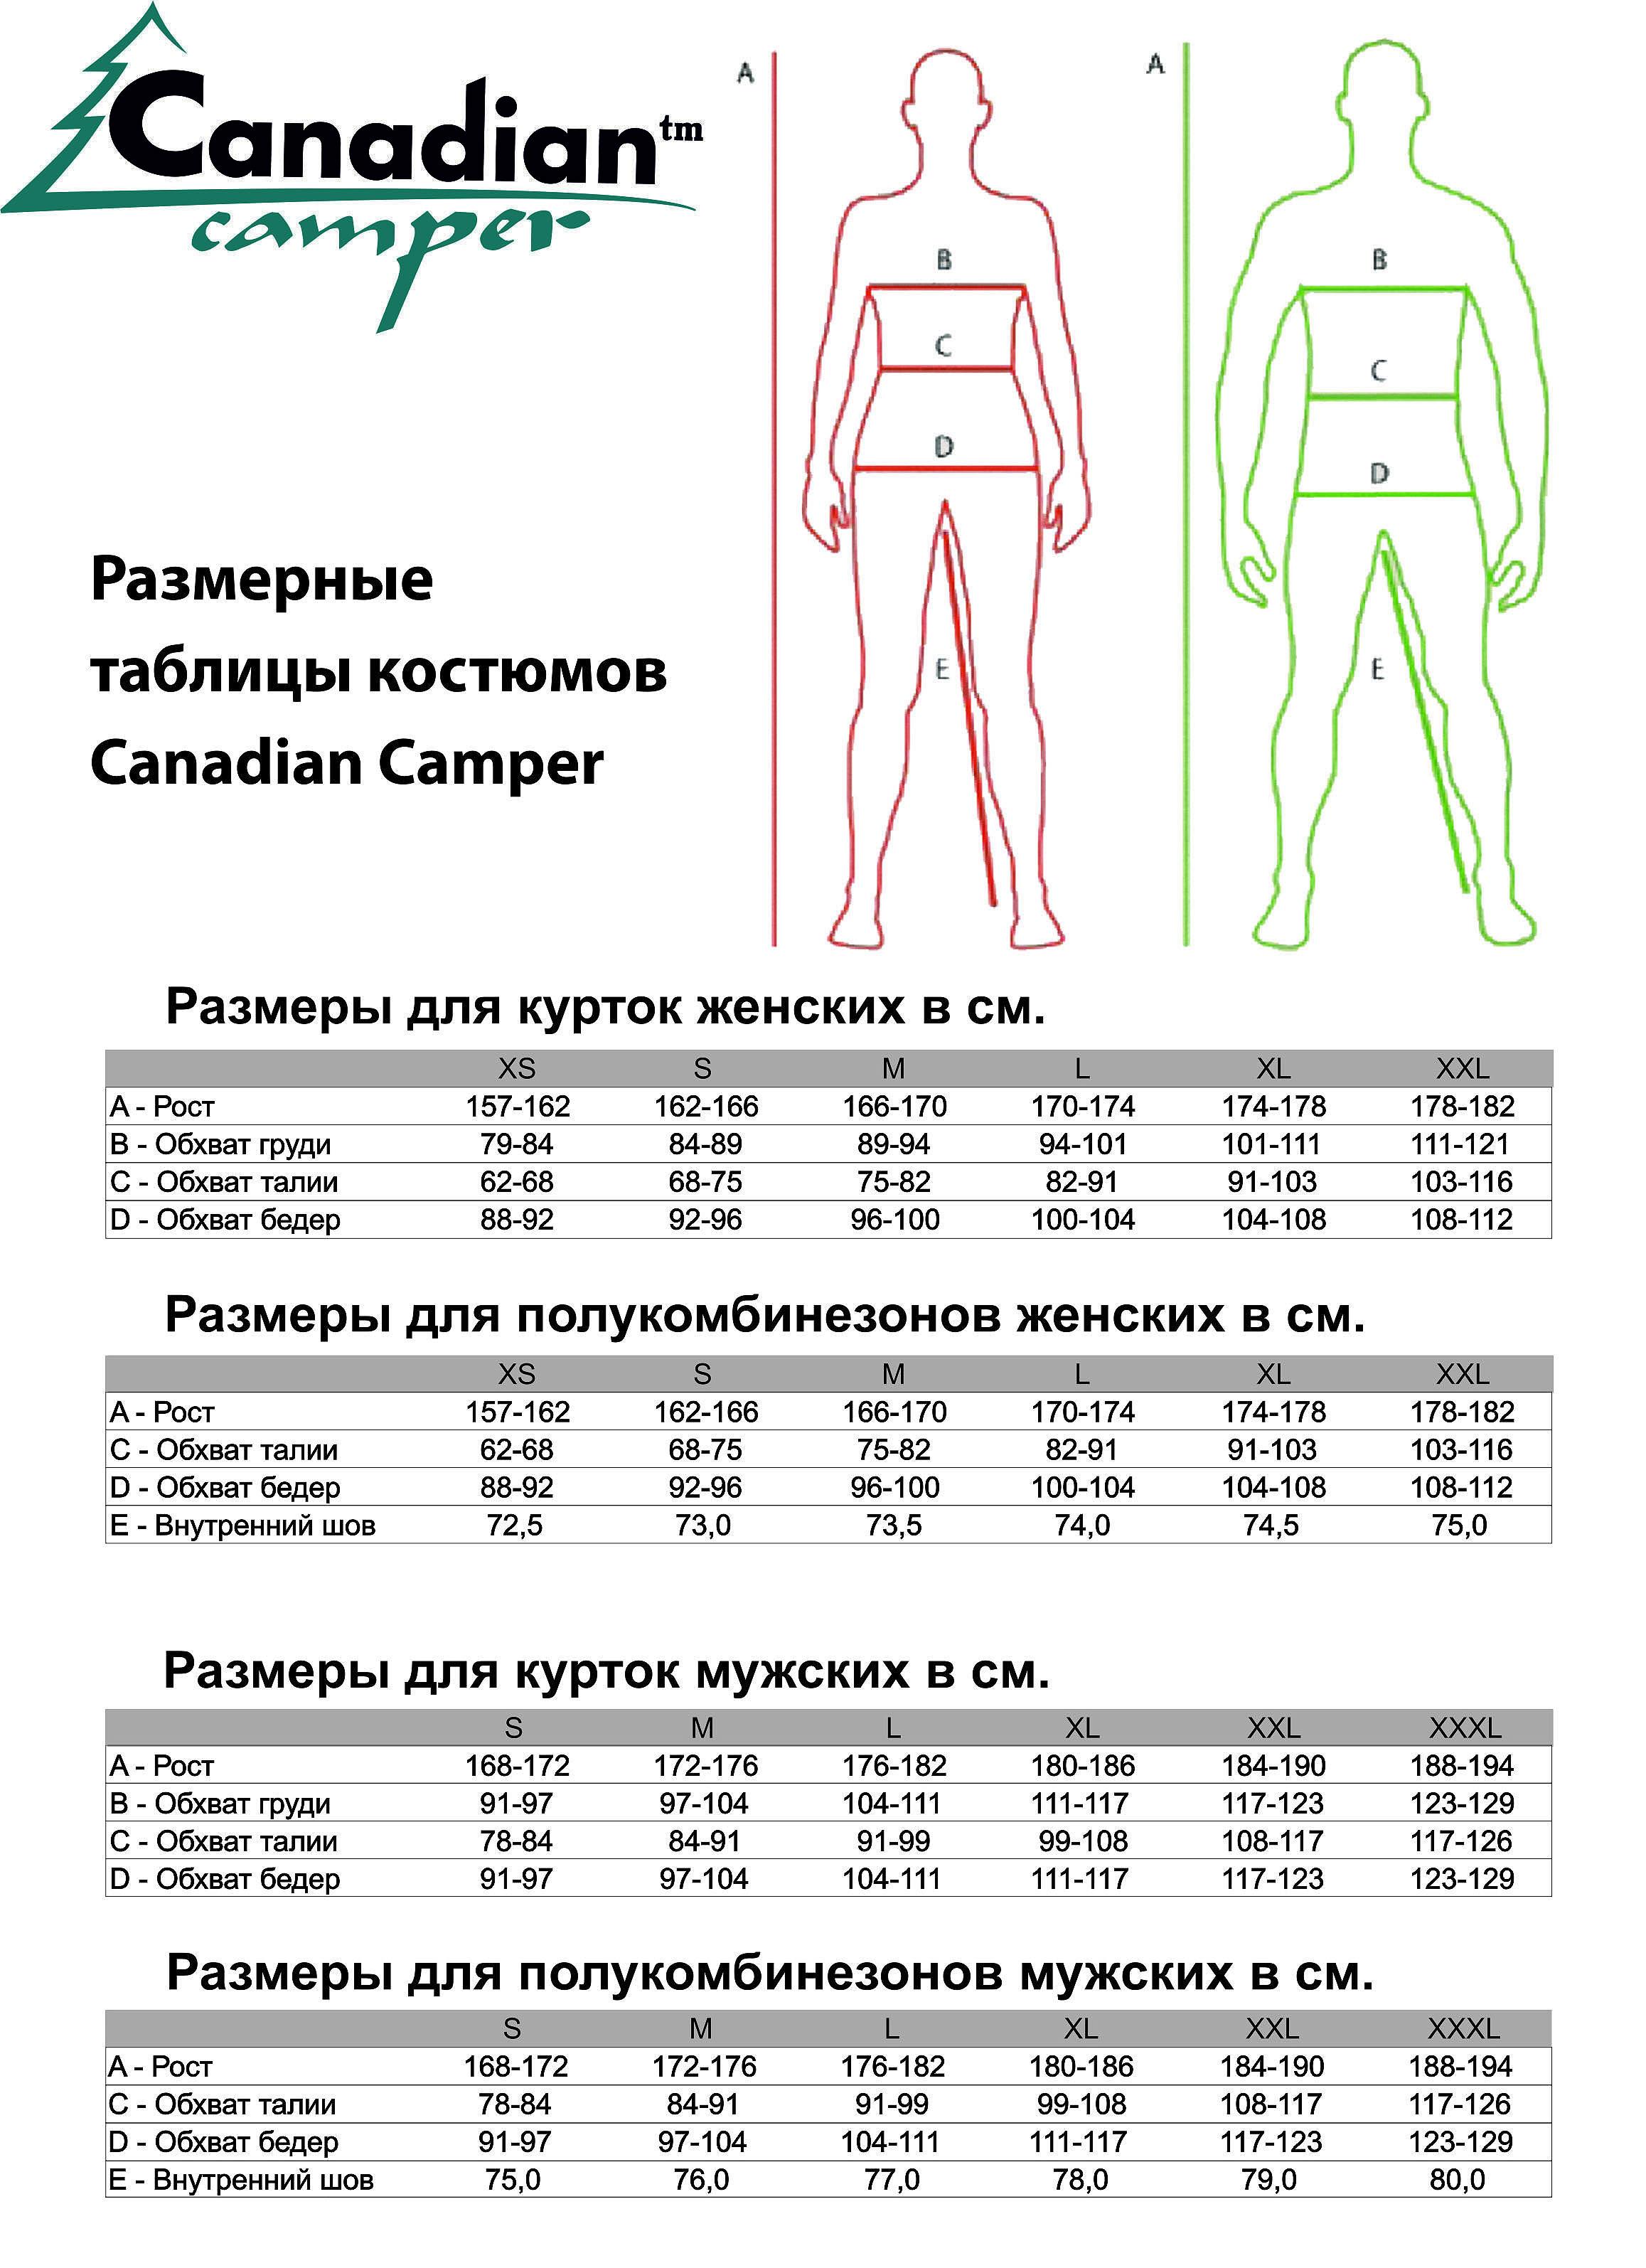 Таблица соответствий размеров одежды Canadian Camper